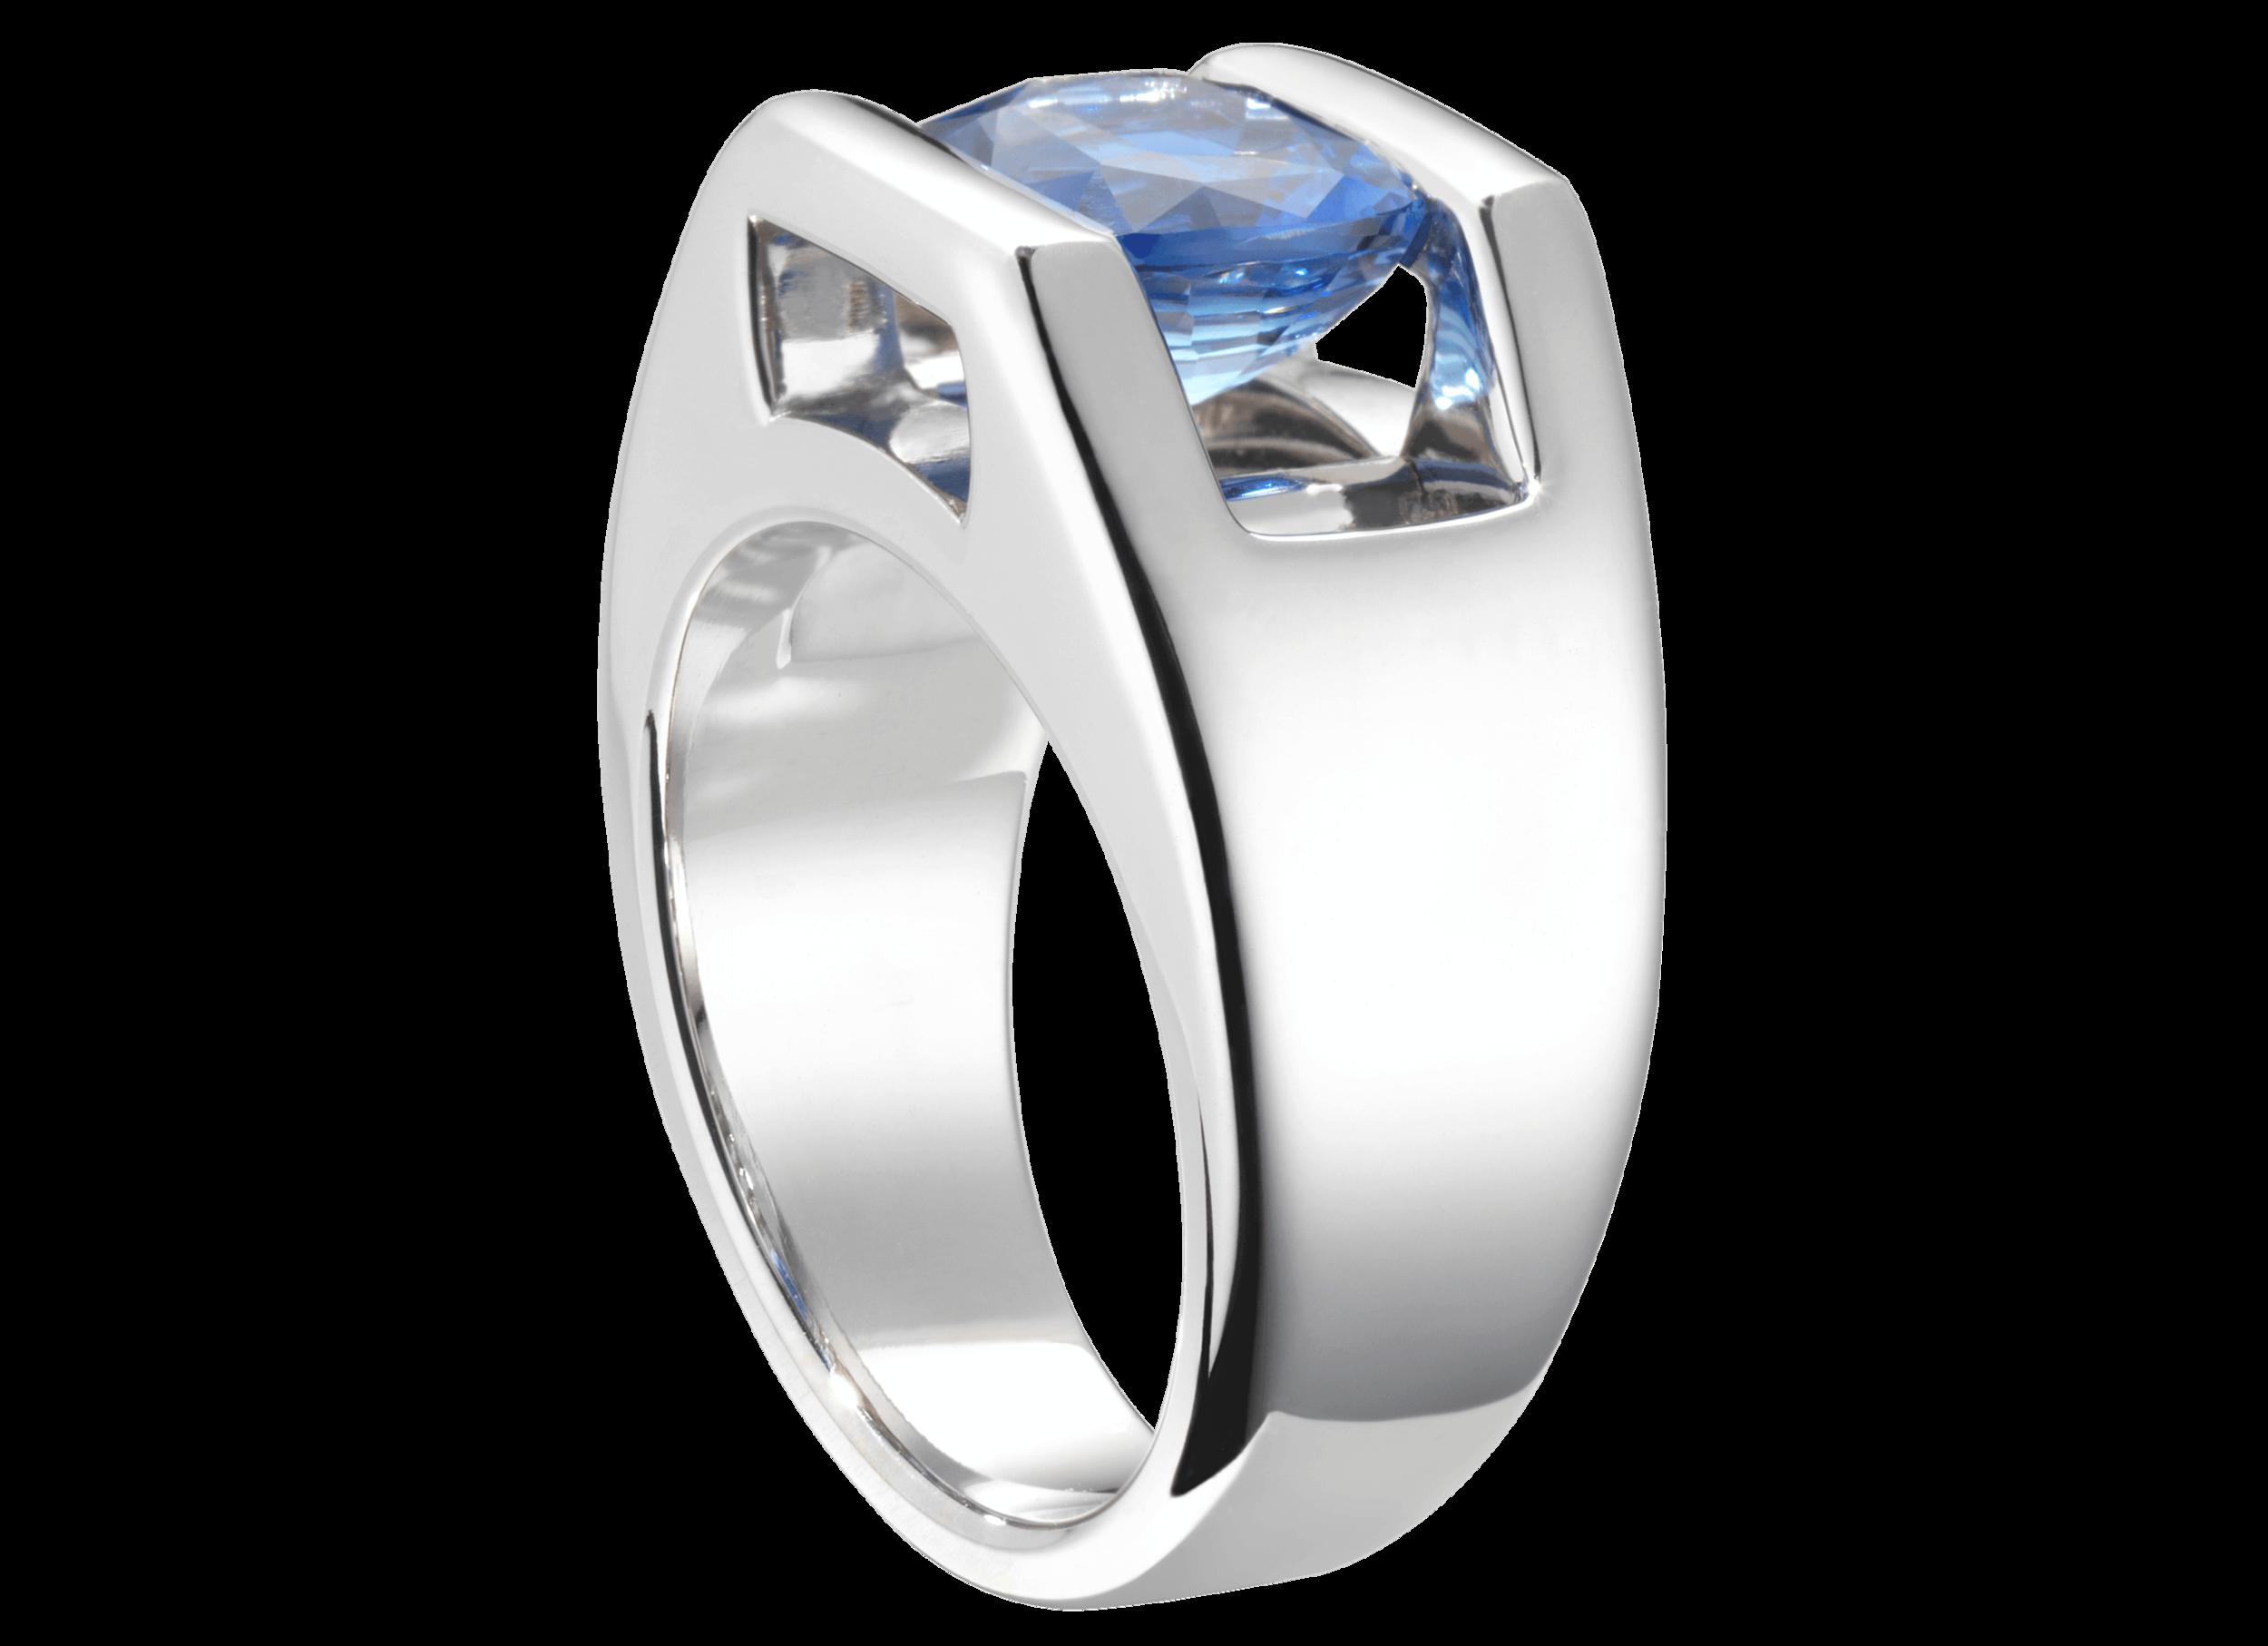 Bague Béa - Monture à partir de 2 500 € plus la pierre centrale(modèle présenté 12 300 € avec un saphir bleu de 2,35 carats)